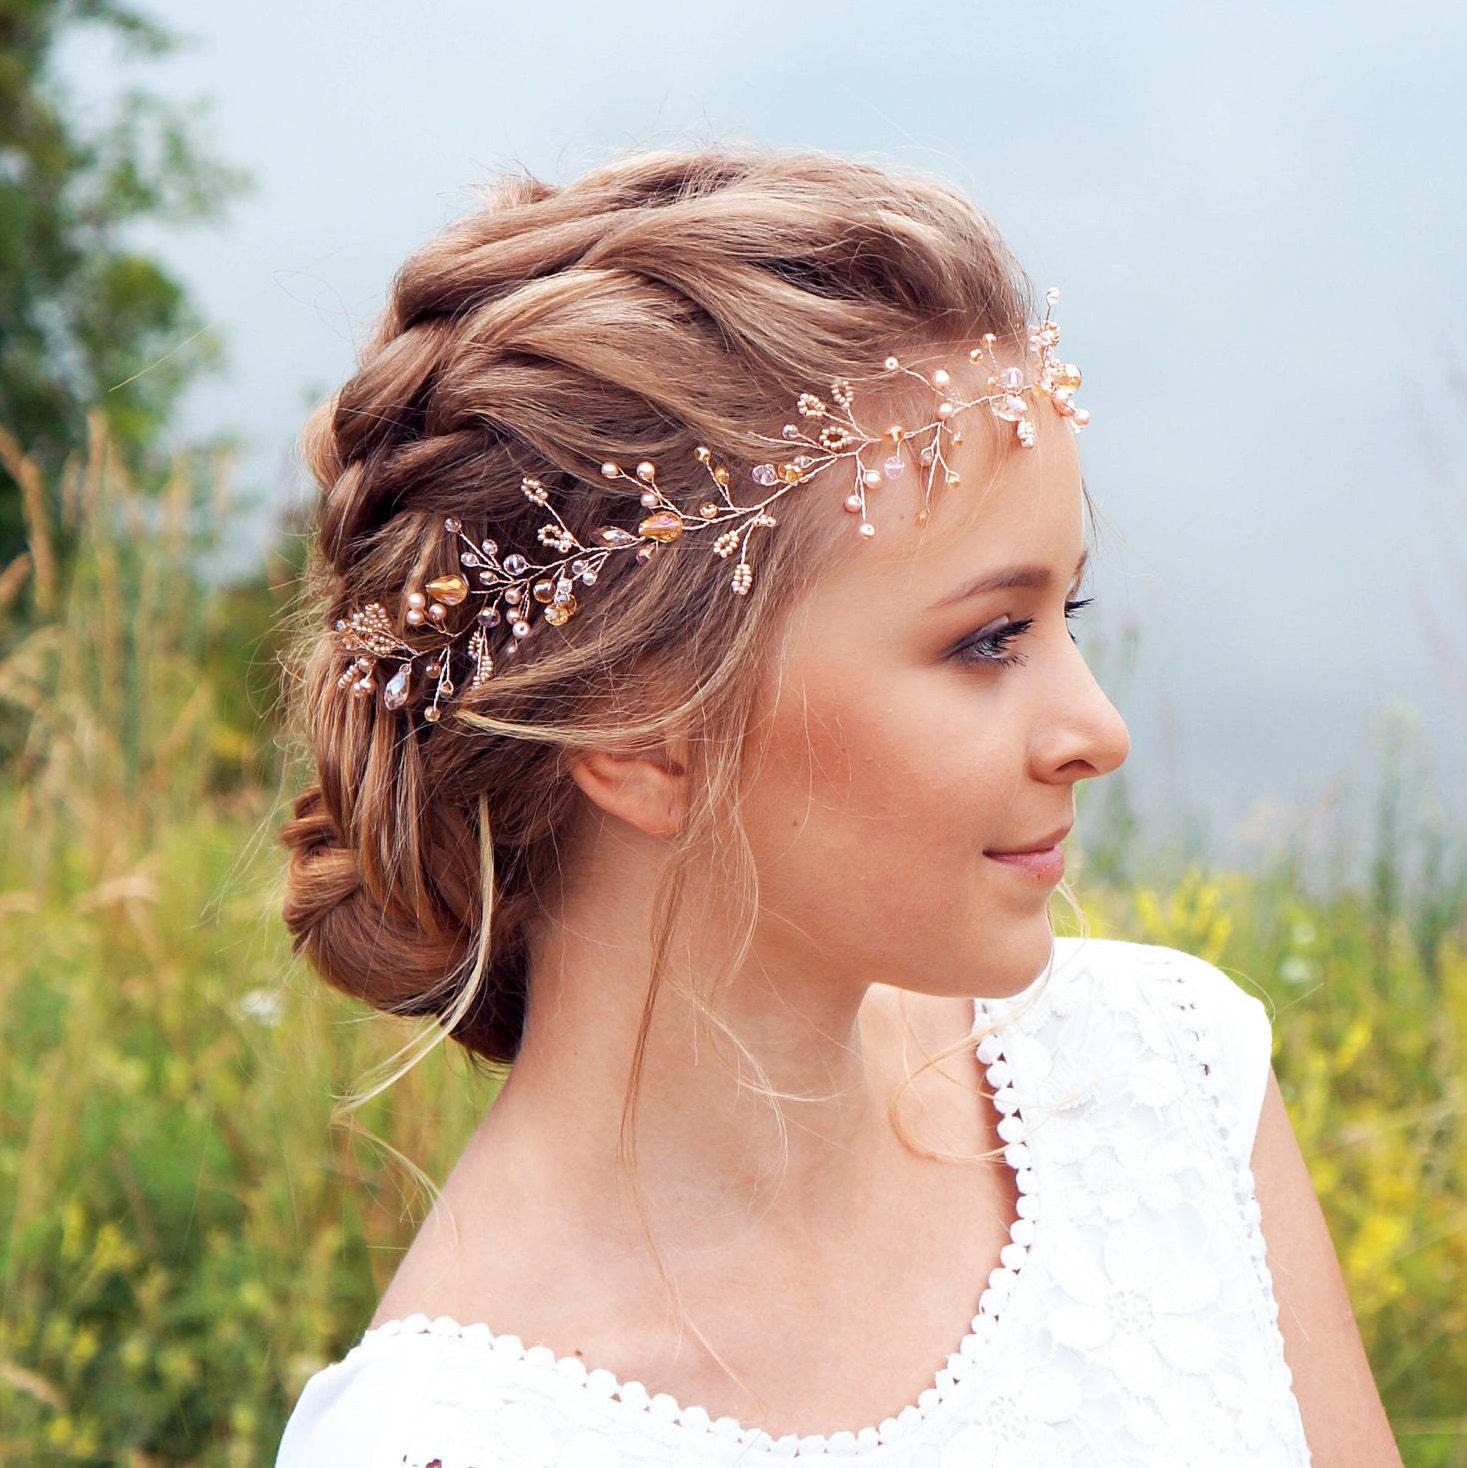 bridal hair vine-wedding hair vine-rose gold hair vine long